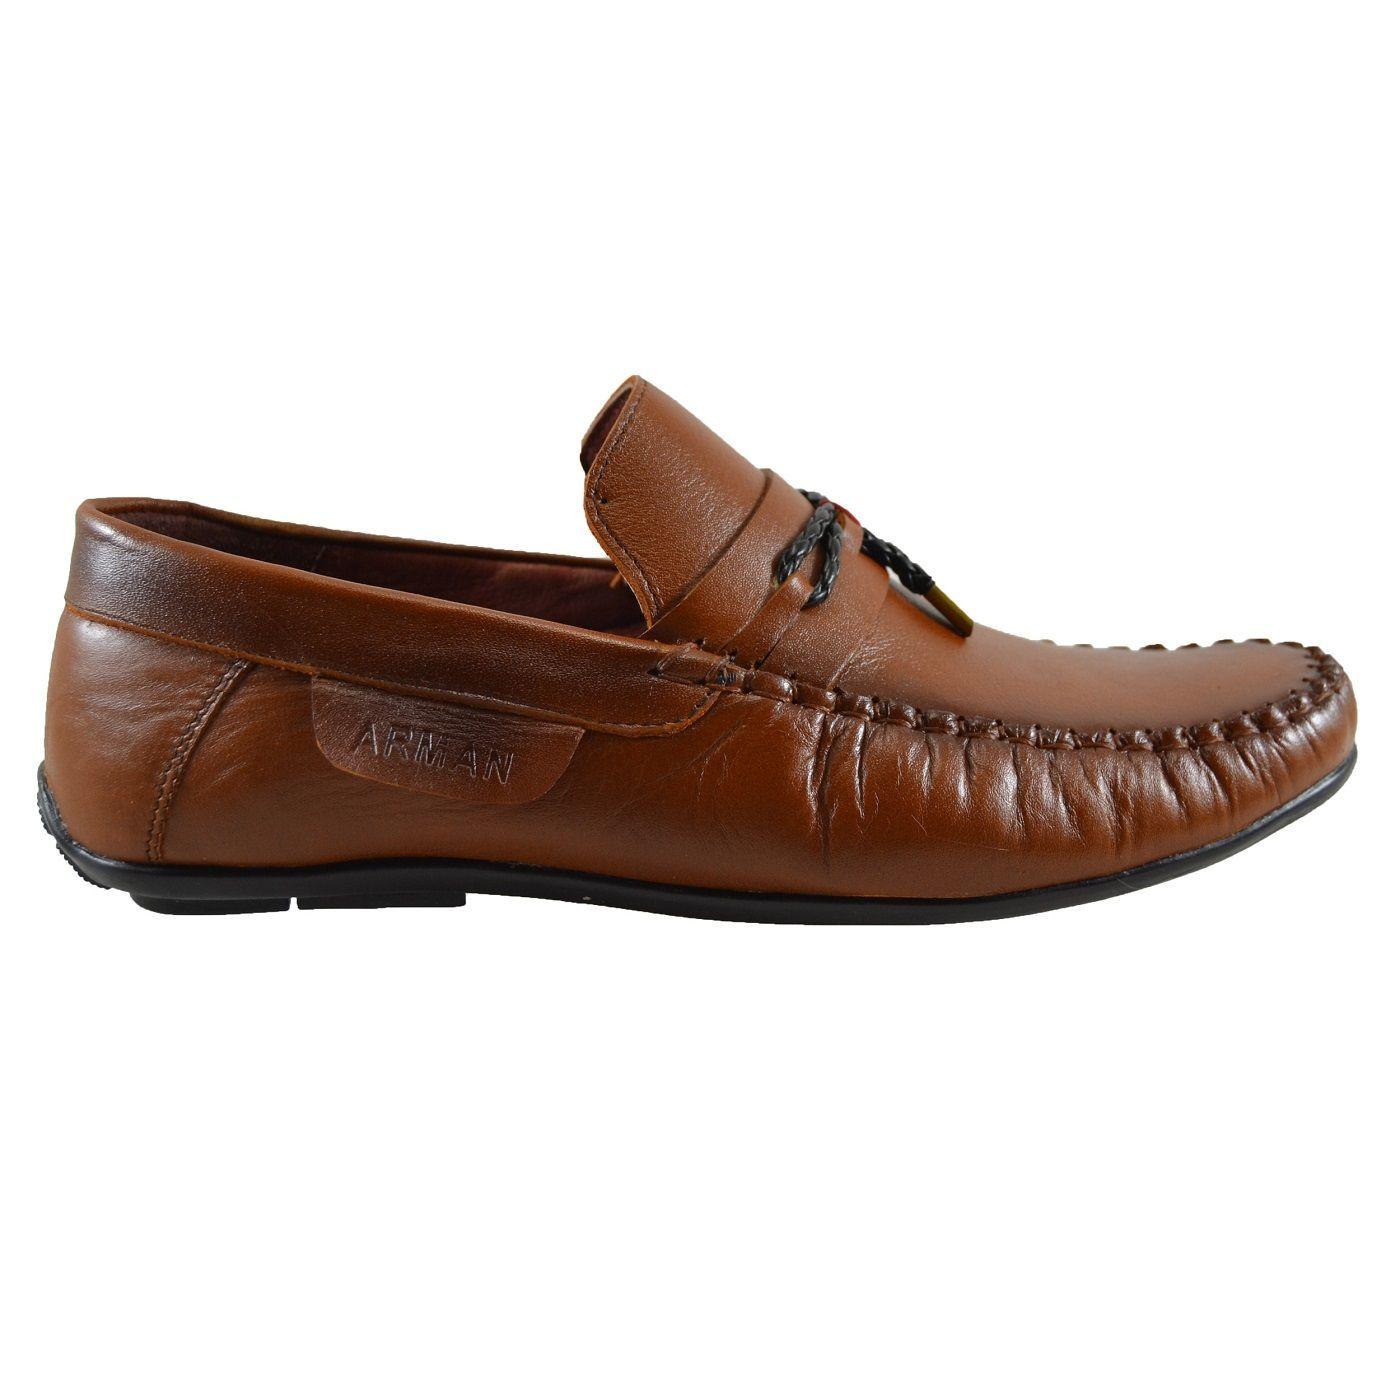 کفش روزمره مردانه کد 279 -  - 1